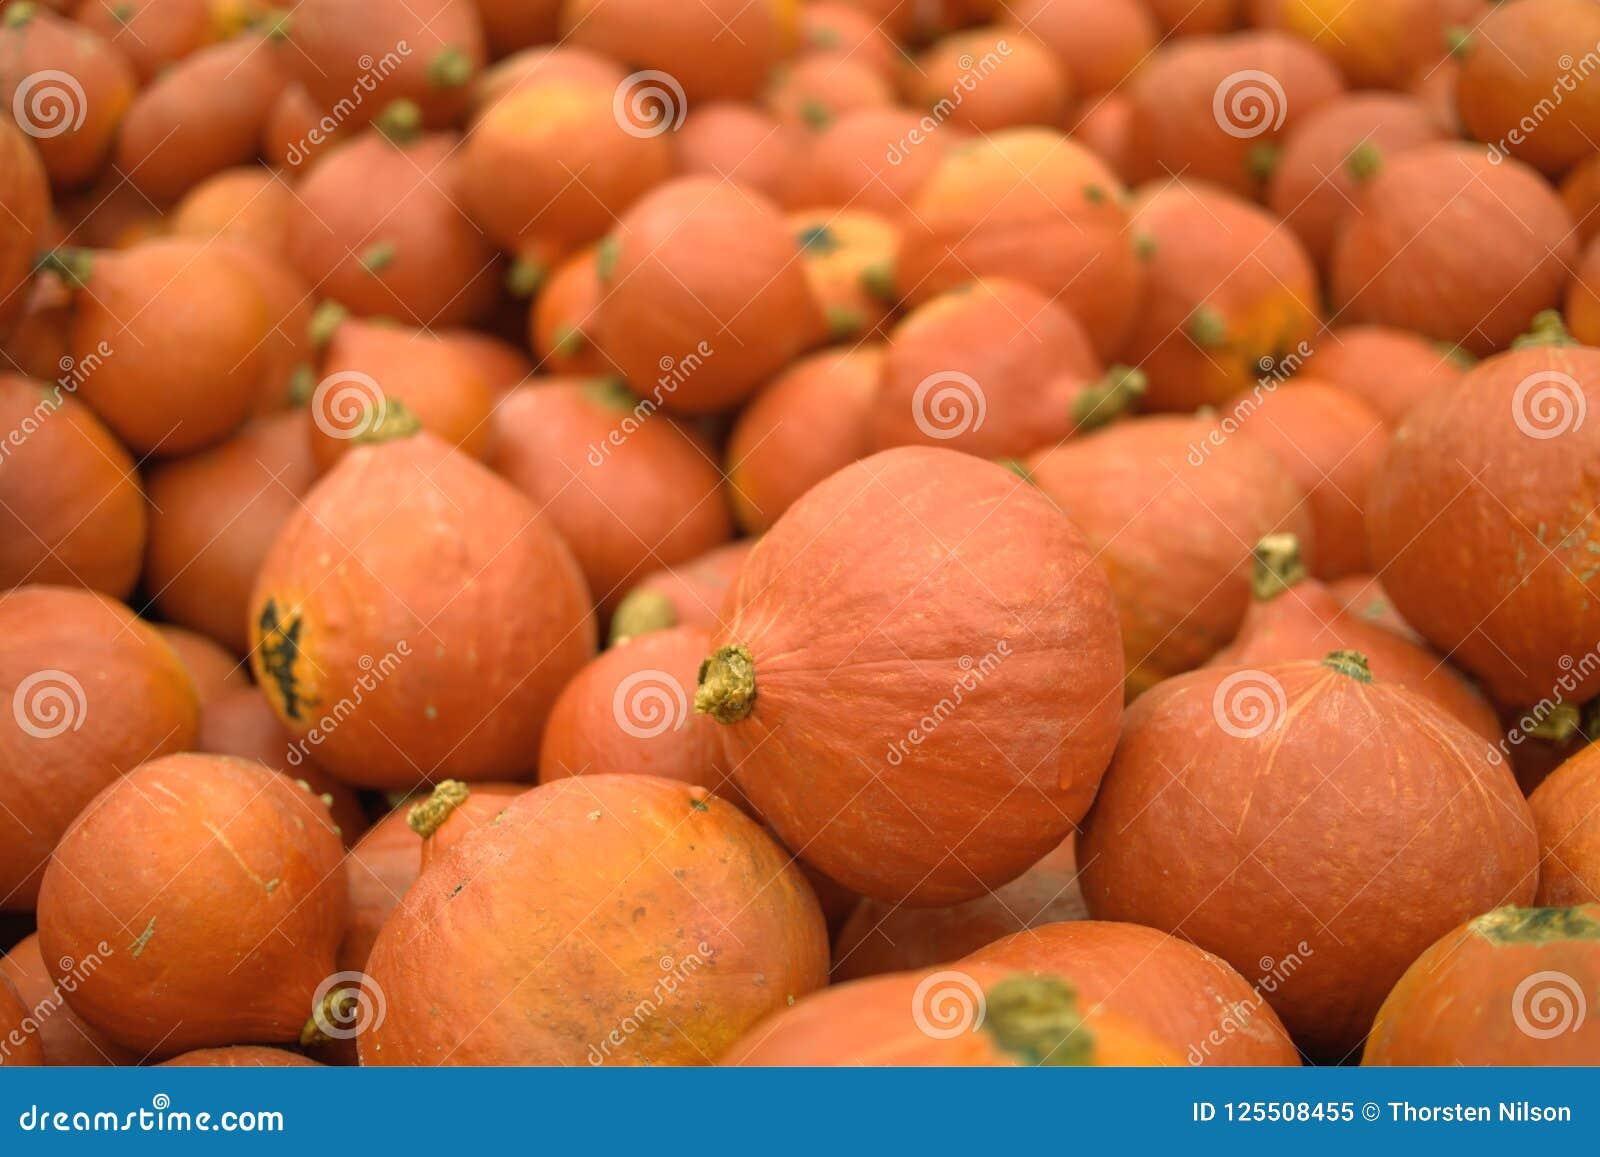 Ostatnio zbierać pomarańczowe banie dla sprzedaży